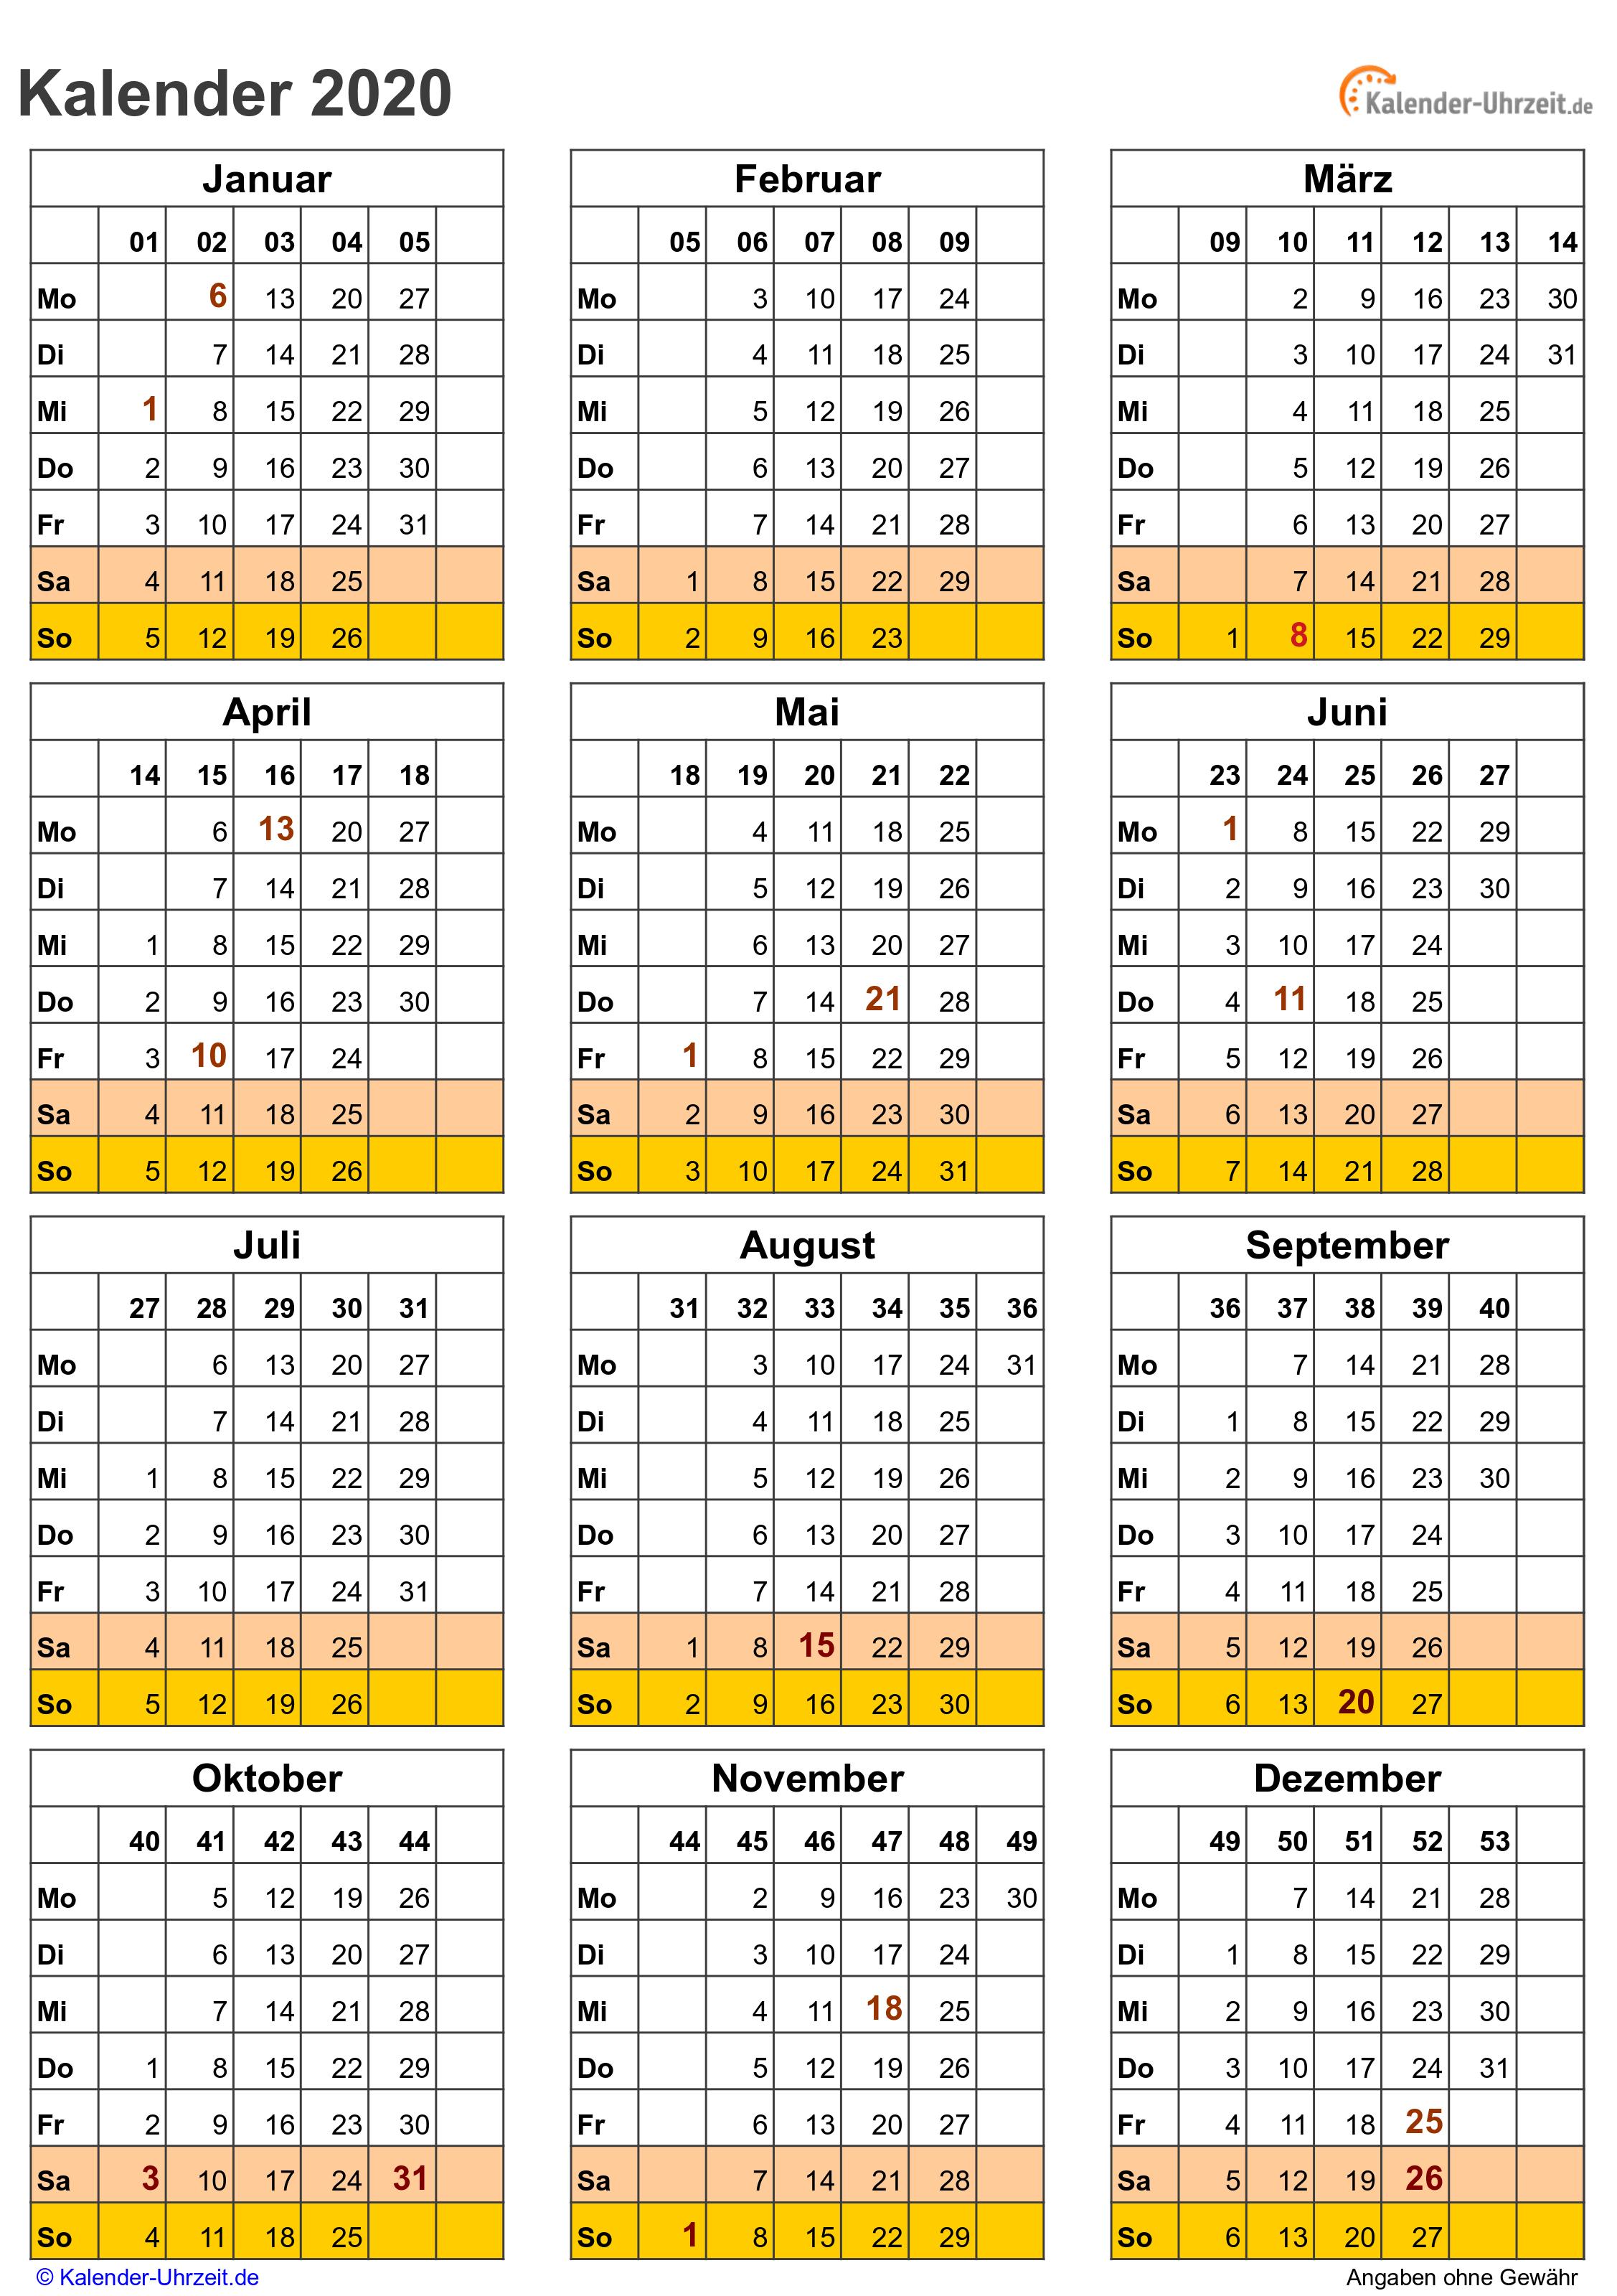 kalender 2020 kw